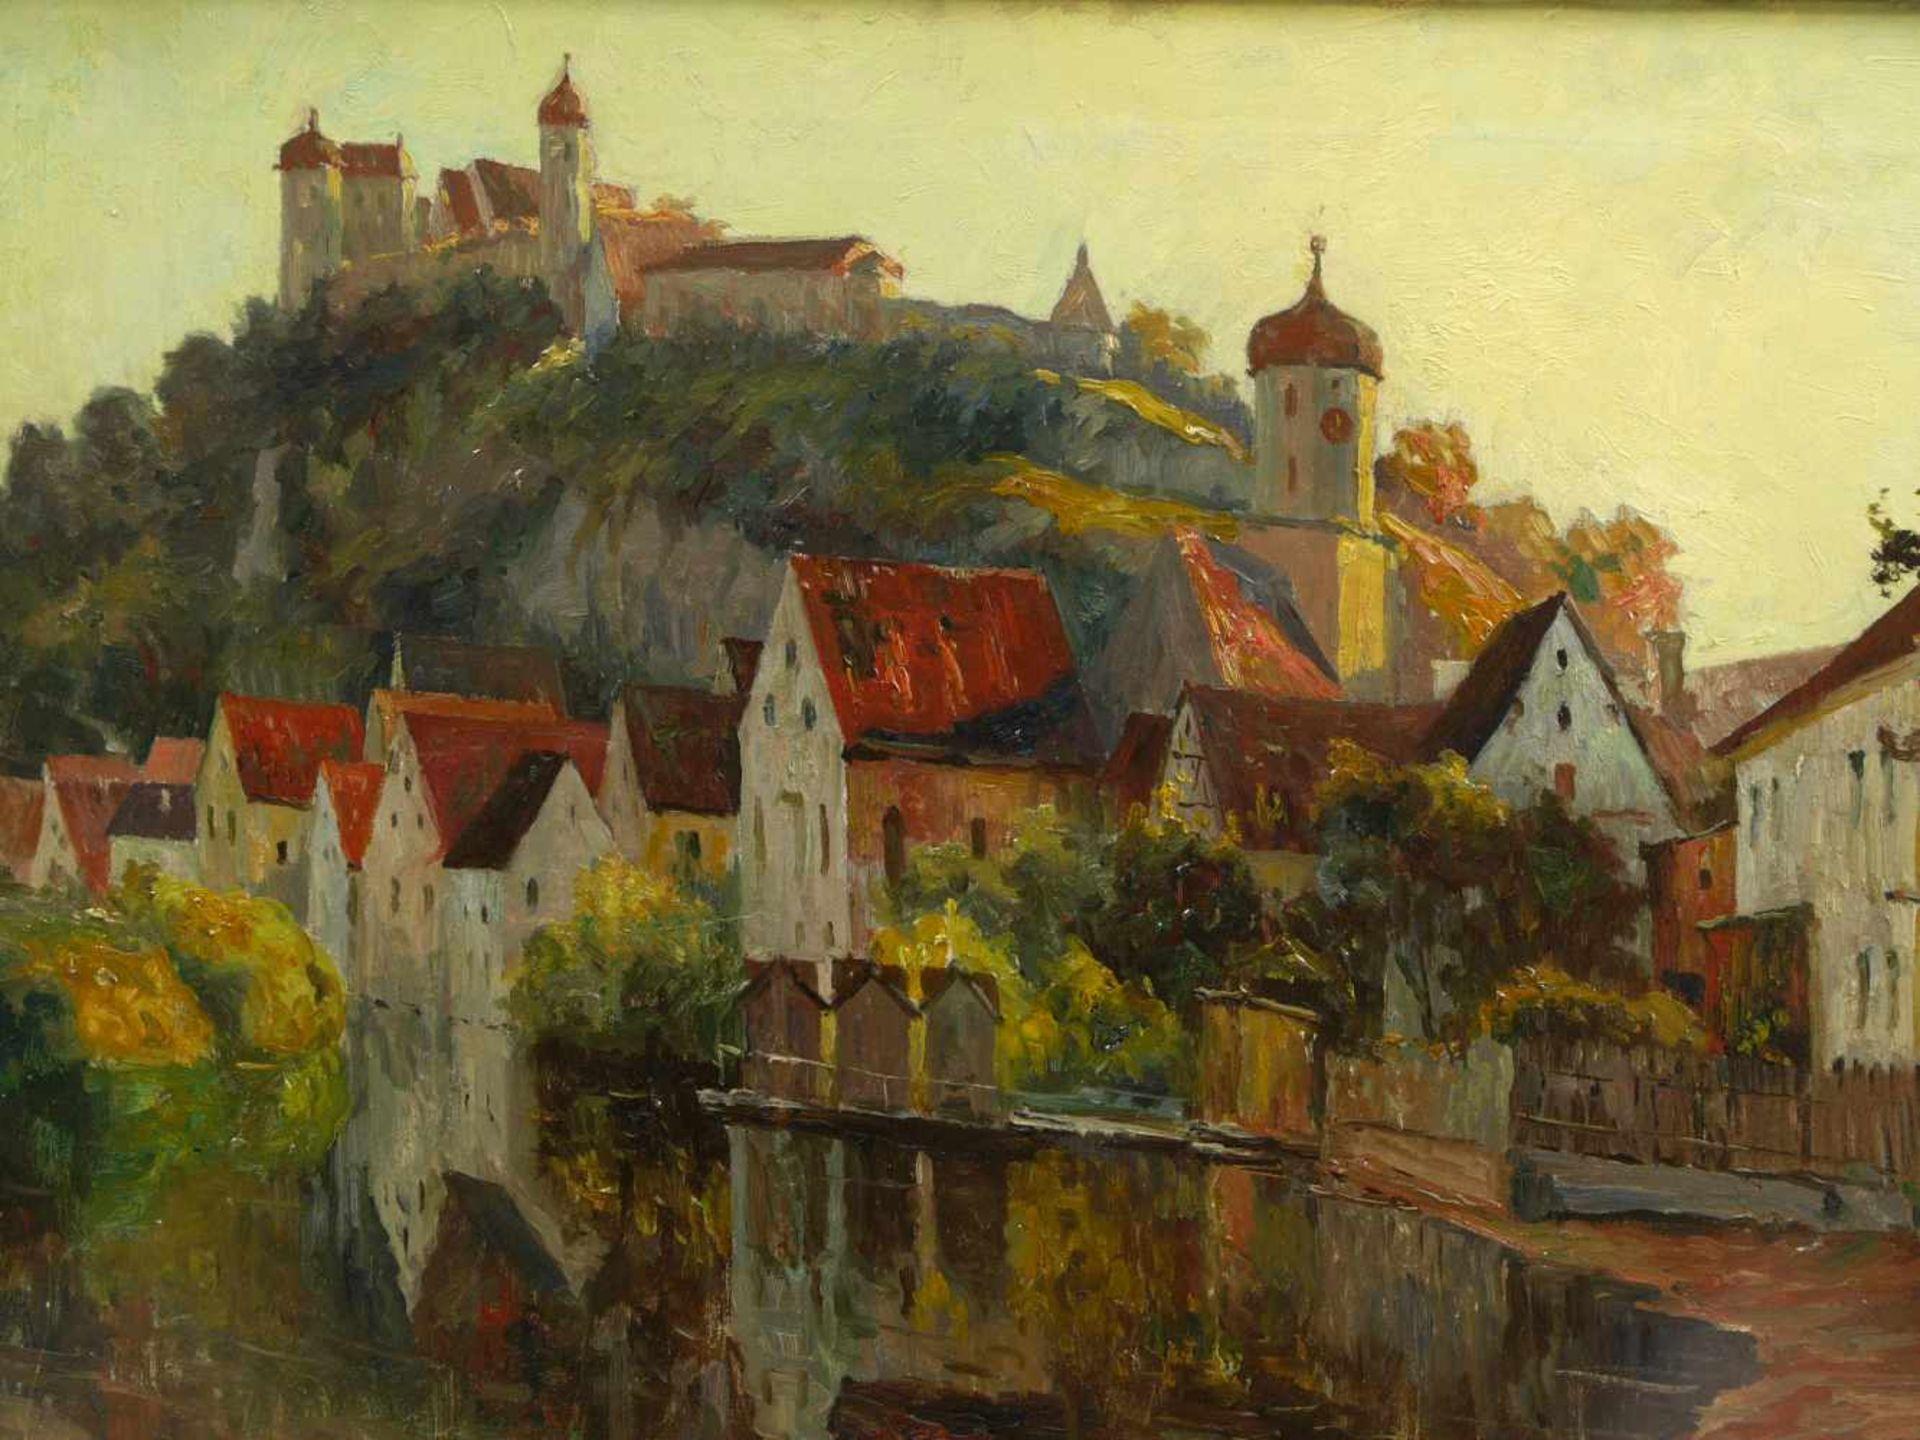 Guillery, Franz Paul Maria (1862-1933) - Blick auf Harburg a. d. WörnitzRomantische Darstellung - Bild 3 aus 6